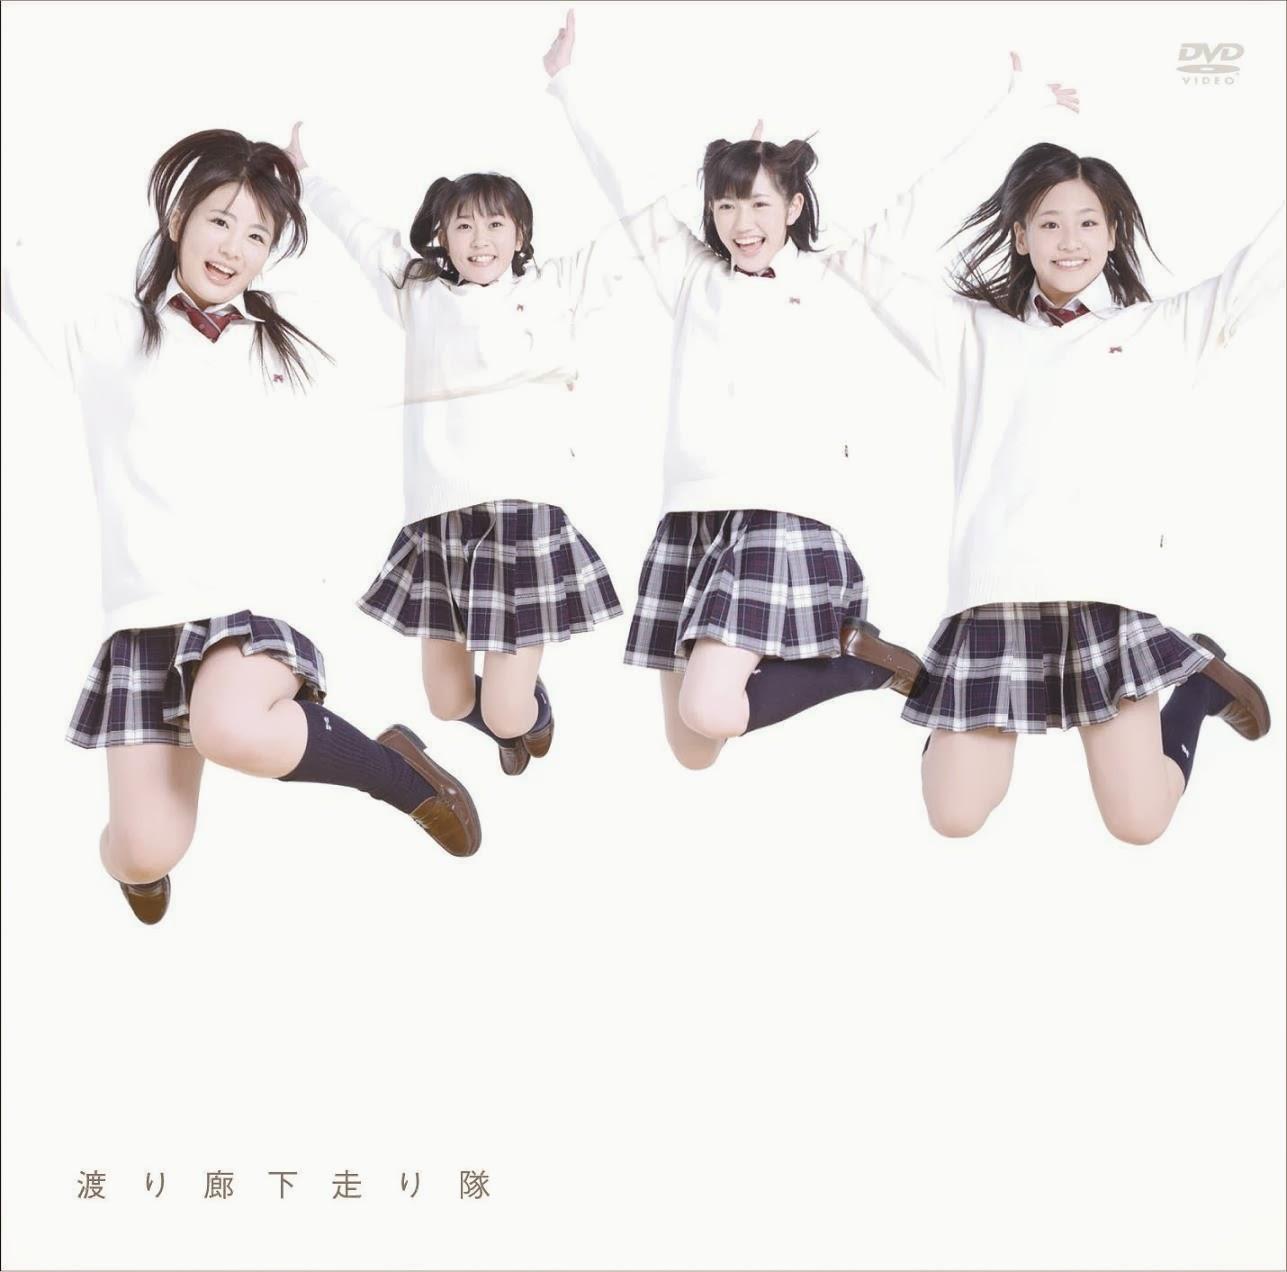 Hatsukoi_Dash-Aoi_Mirai_DVD.jpg (1287×1272)